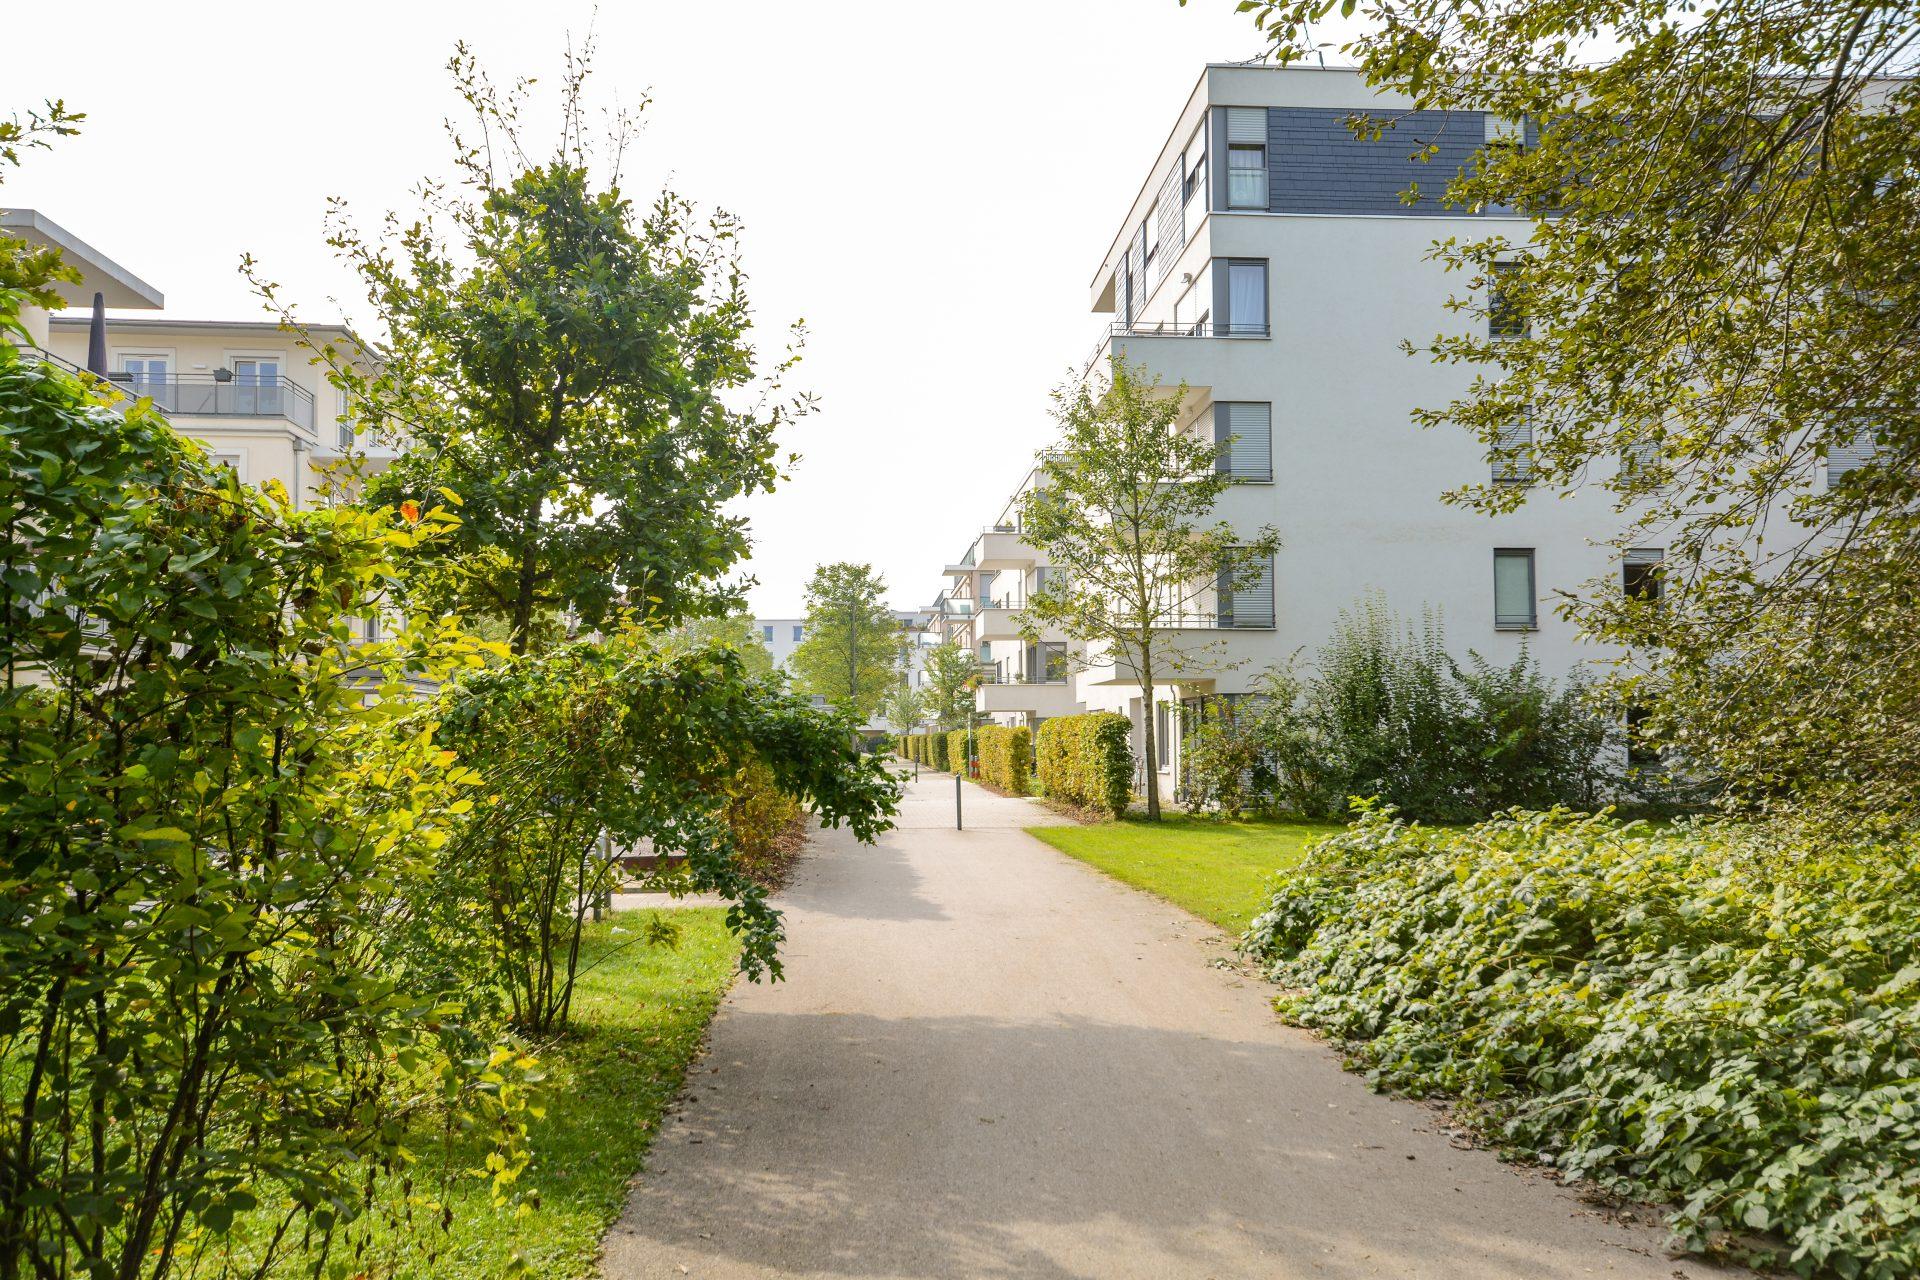 Wohnsiedlung mit vielen Bäumen